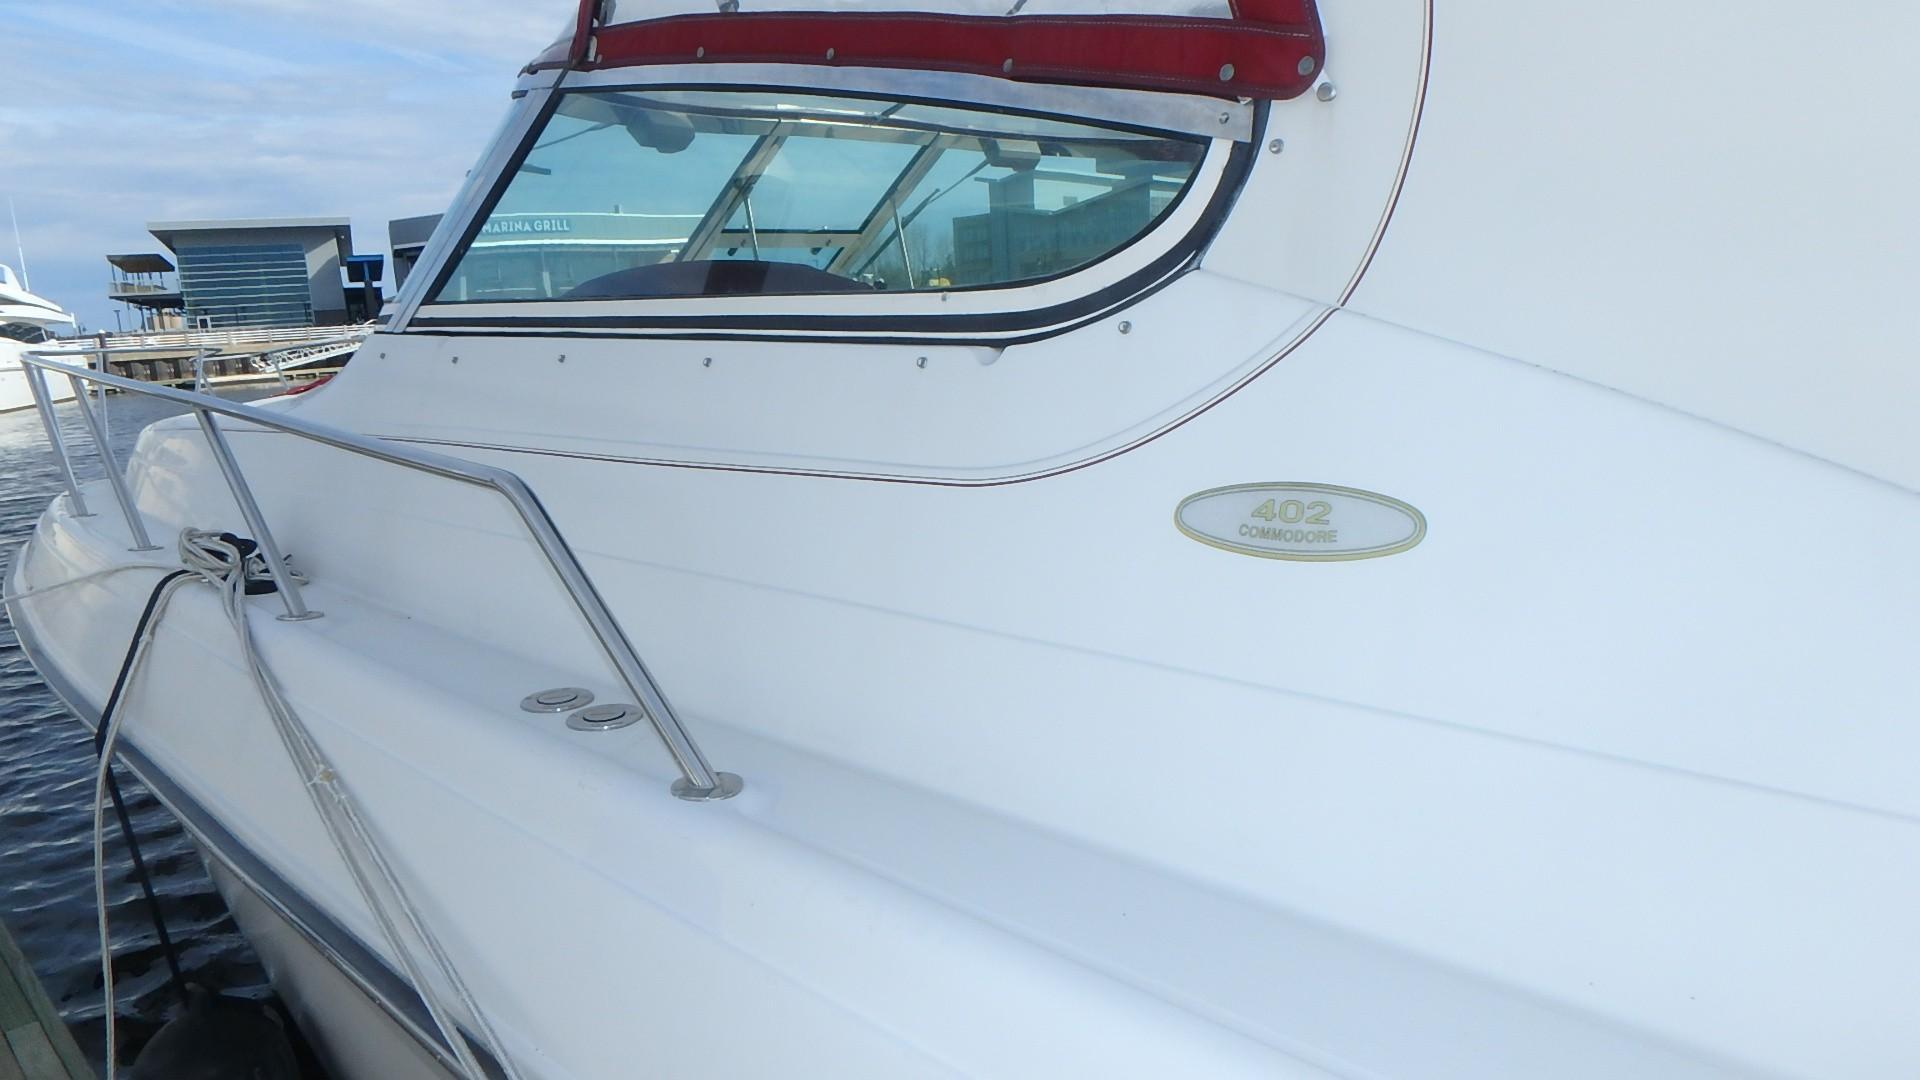 Regal 402 Commodore - Photo: #10